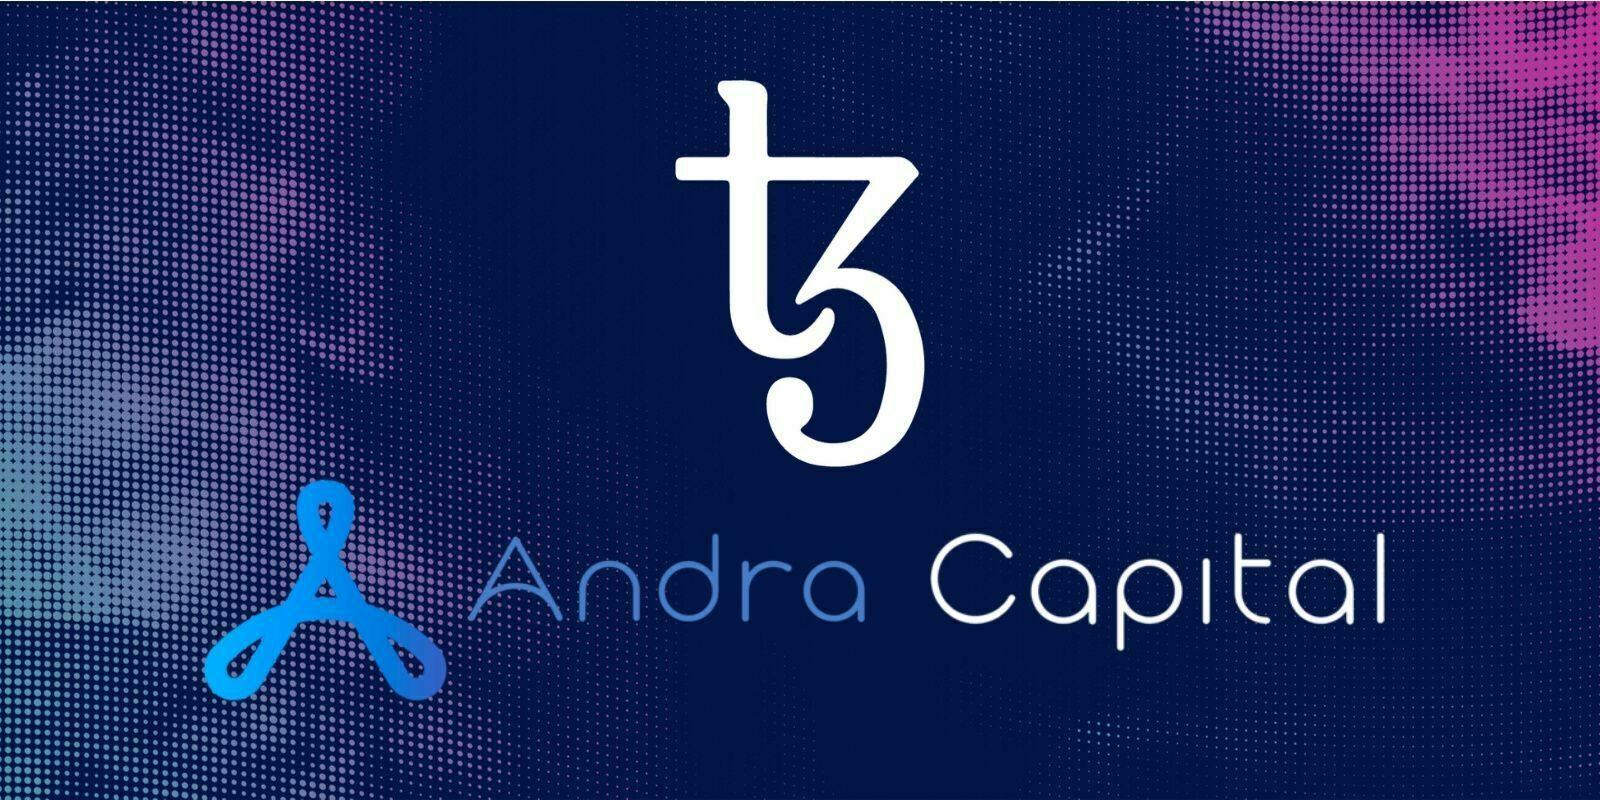 Andra Capital collabore avec Tezos pour créer le Silicon Valley Coin (SVC)